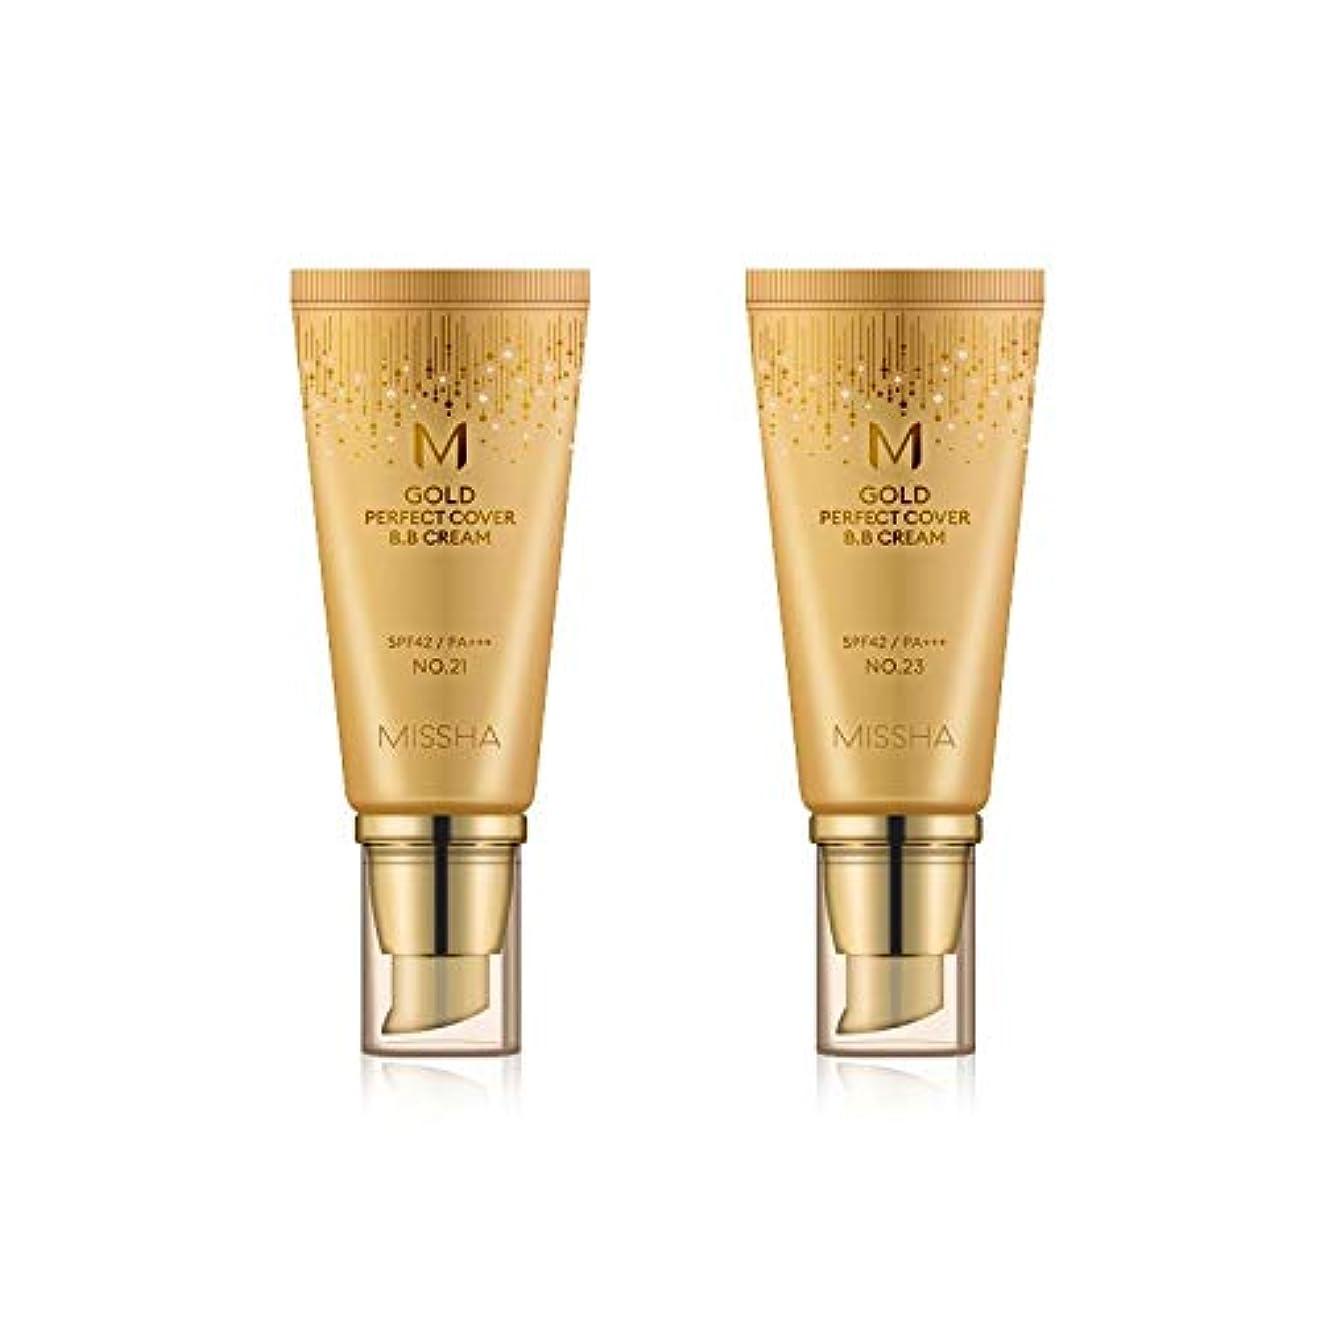 成長揮発性合体MISSHA Gold Perfecte Cover BB Cream SPF42 PA+++ / ミシャ ゴールド パーフェクト カバー BBクリーム 50ml *NO.23 [並行輸入品]